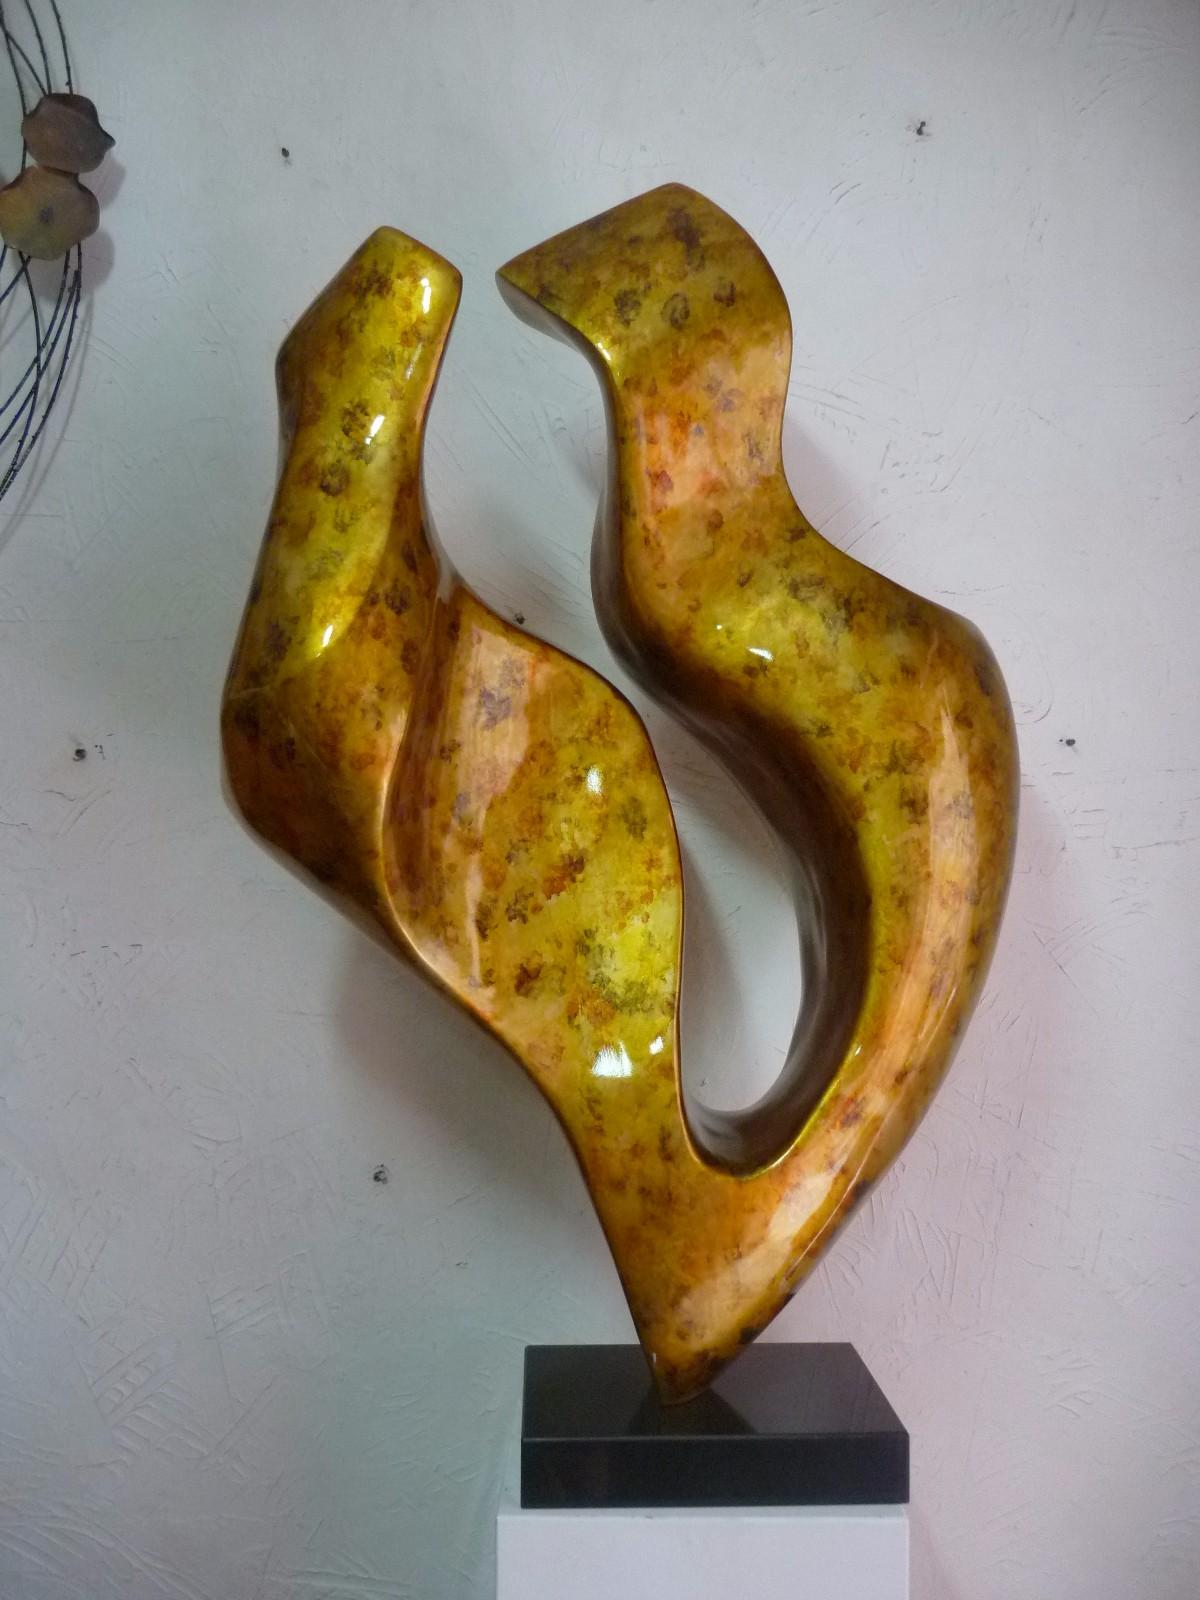 铜雕艺术_抽象系列_艺术家居系列_产品世界_湖南南博湾文化传播有限公司